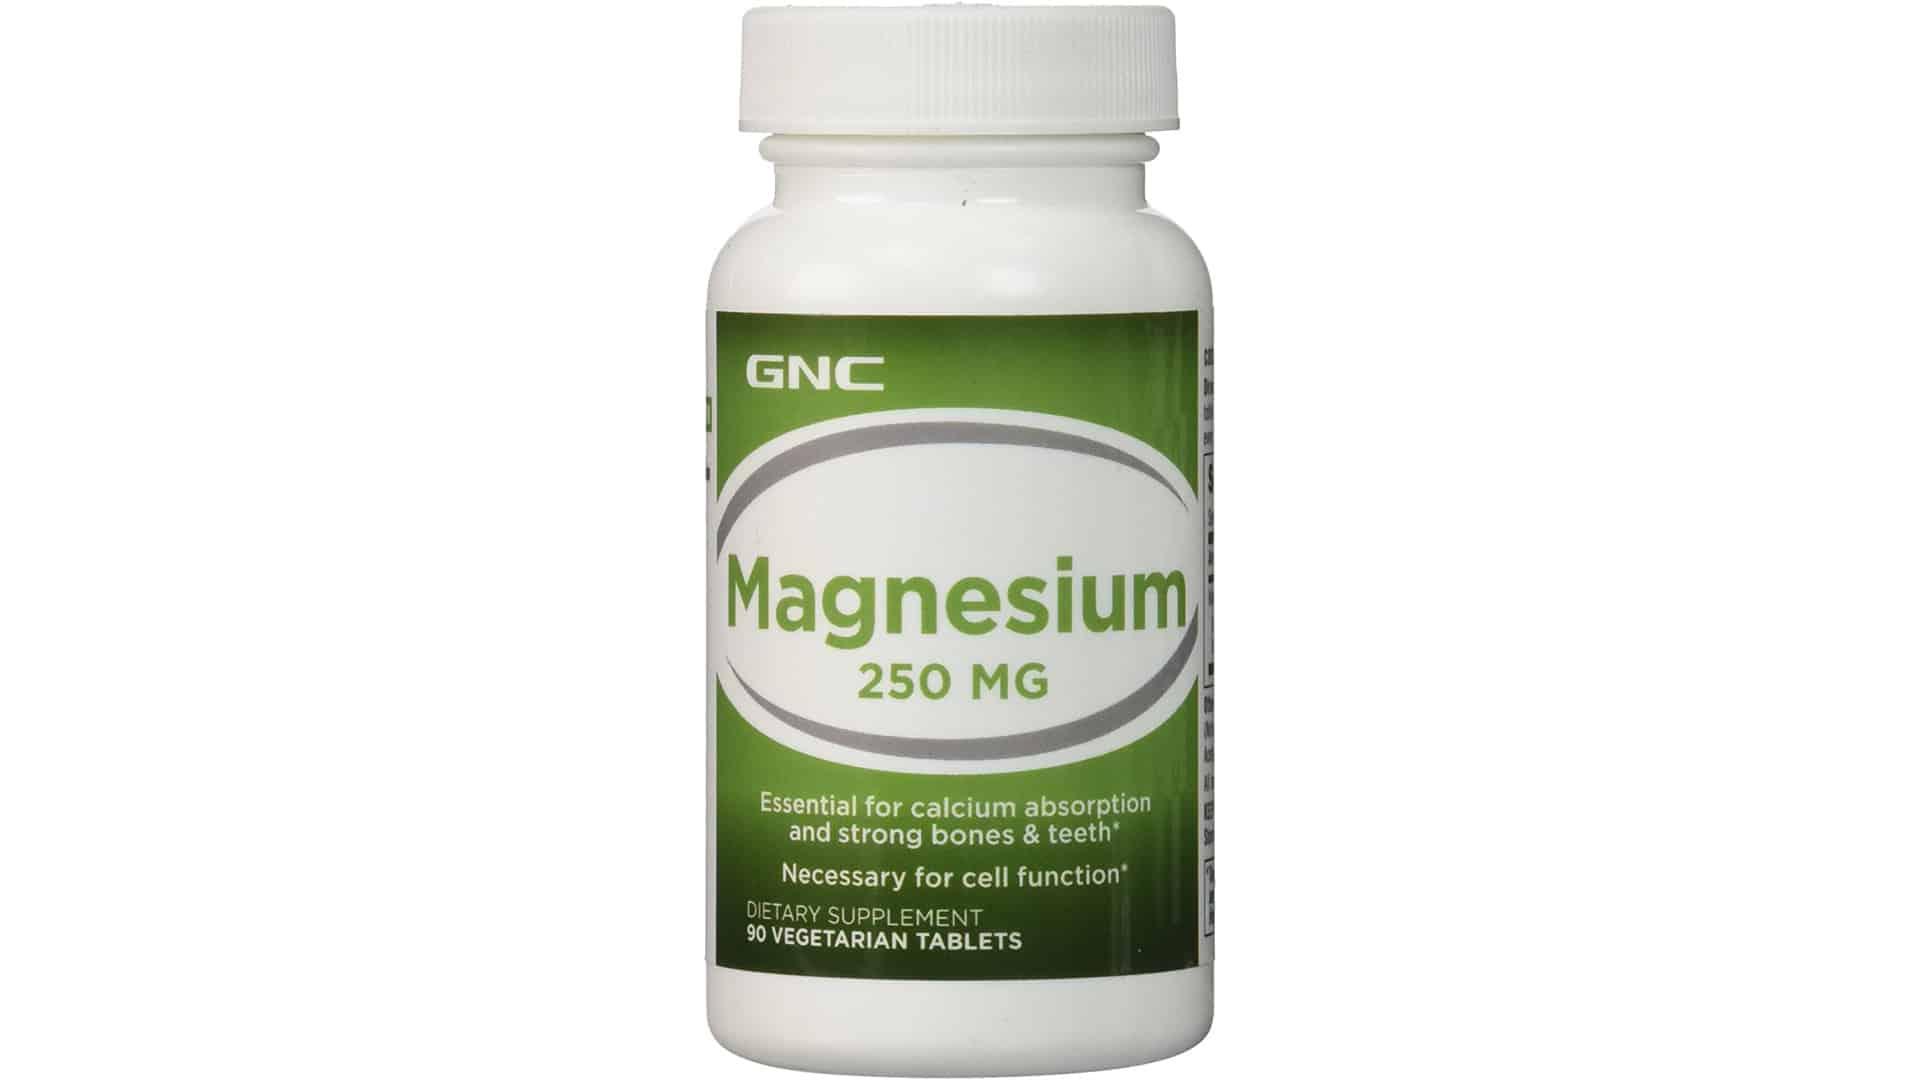 GNC Magnesium